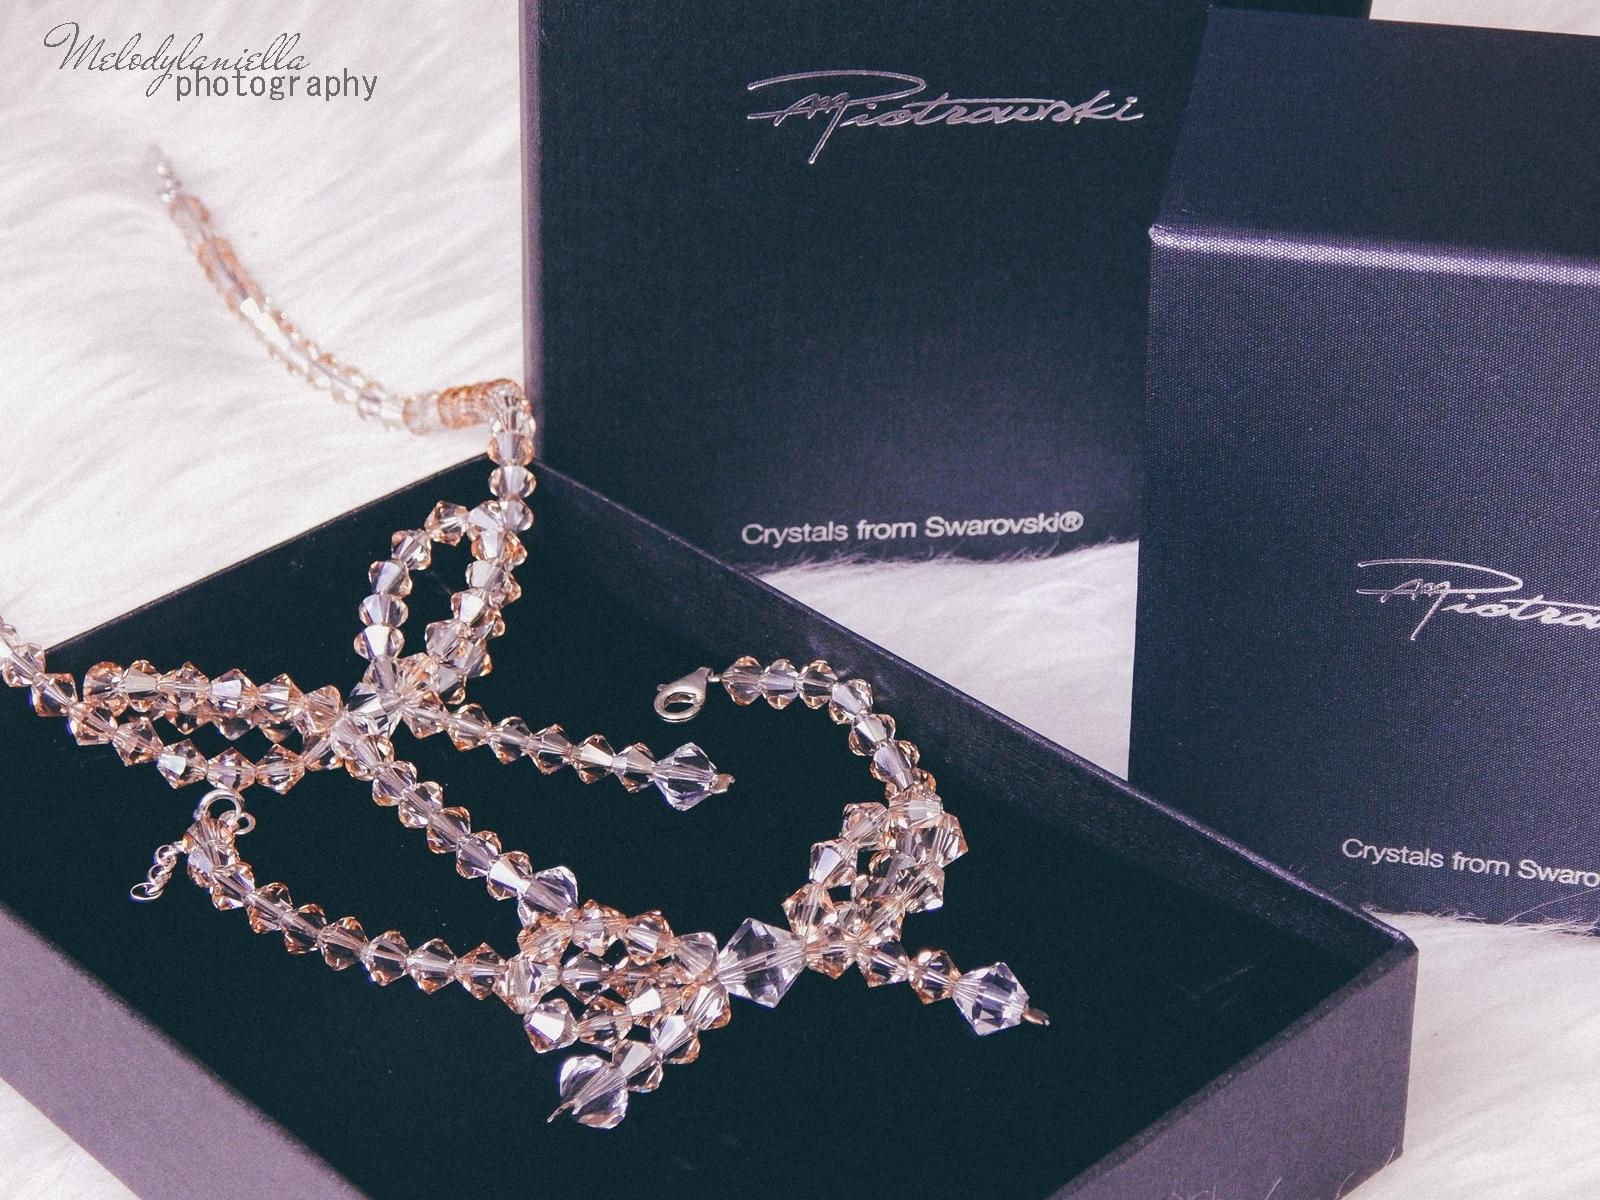 3 biżuteria M piotrowski recenzje kryształy swarovski przegląd opinie recenzje jak dobrać biżuterie modna biżuteria stylowe dodatki kryształy bransoletka z kokardką naszyjnik z kokardą złoto srebro fashion